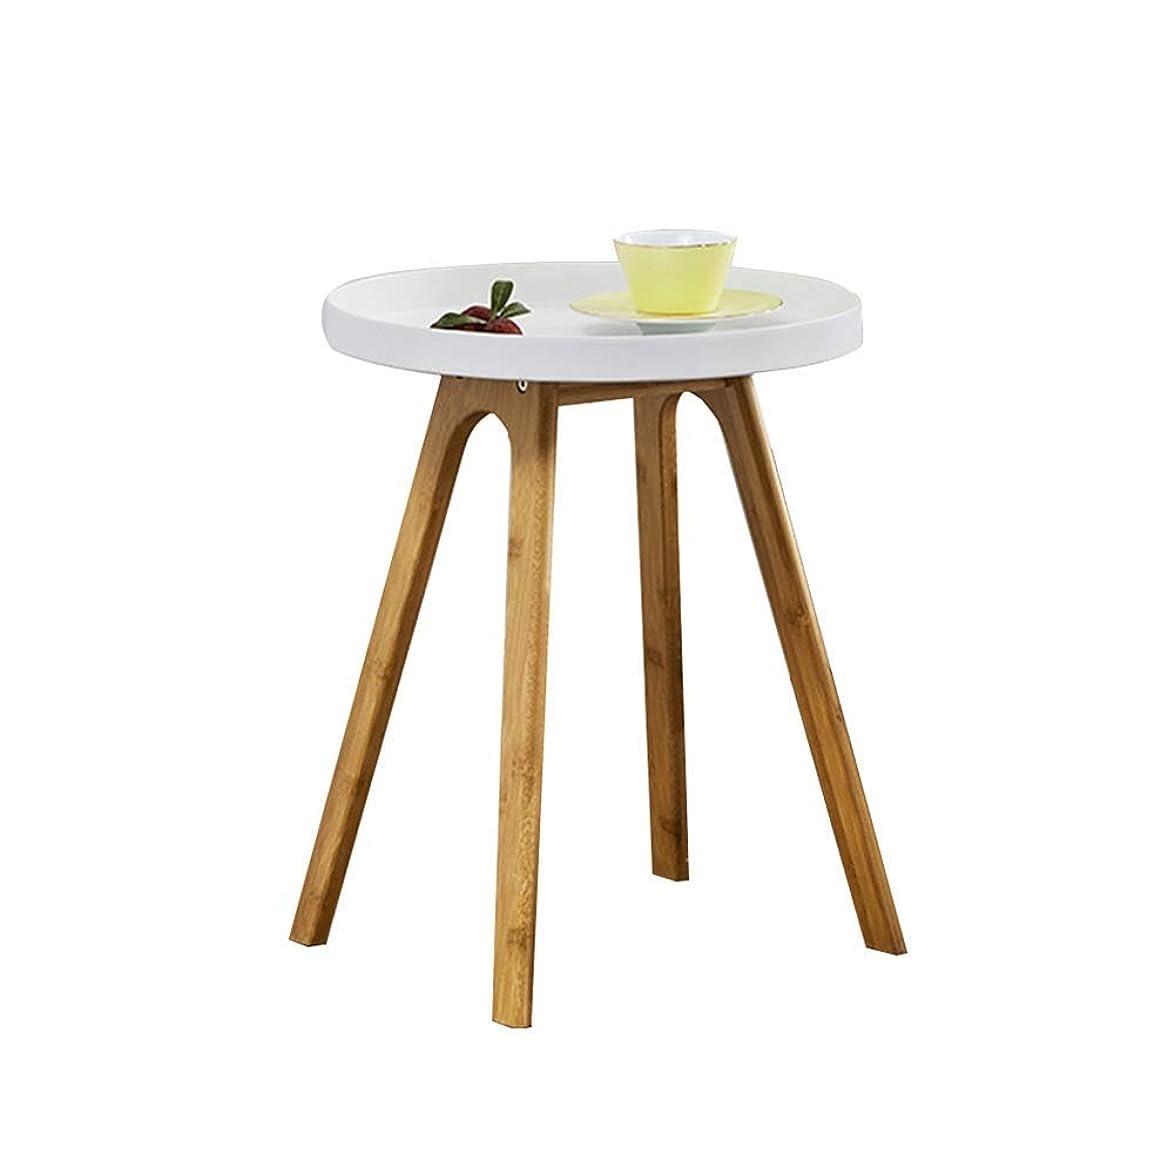 発掘ダメージケニアサイドテーブル、ラウンドV-足白いソファサイドテーブルベッドサイドトレイ表コーヒーテーブルリビングルームのベッドルーム14.7x18.1inchのために使用される4本の天然竹の足で lsmaa